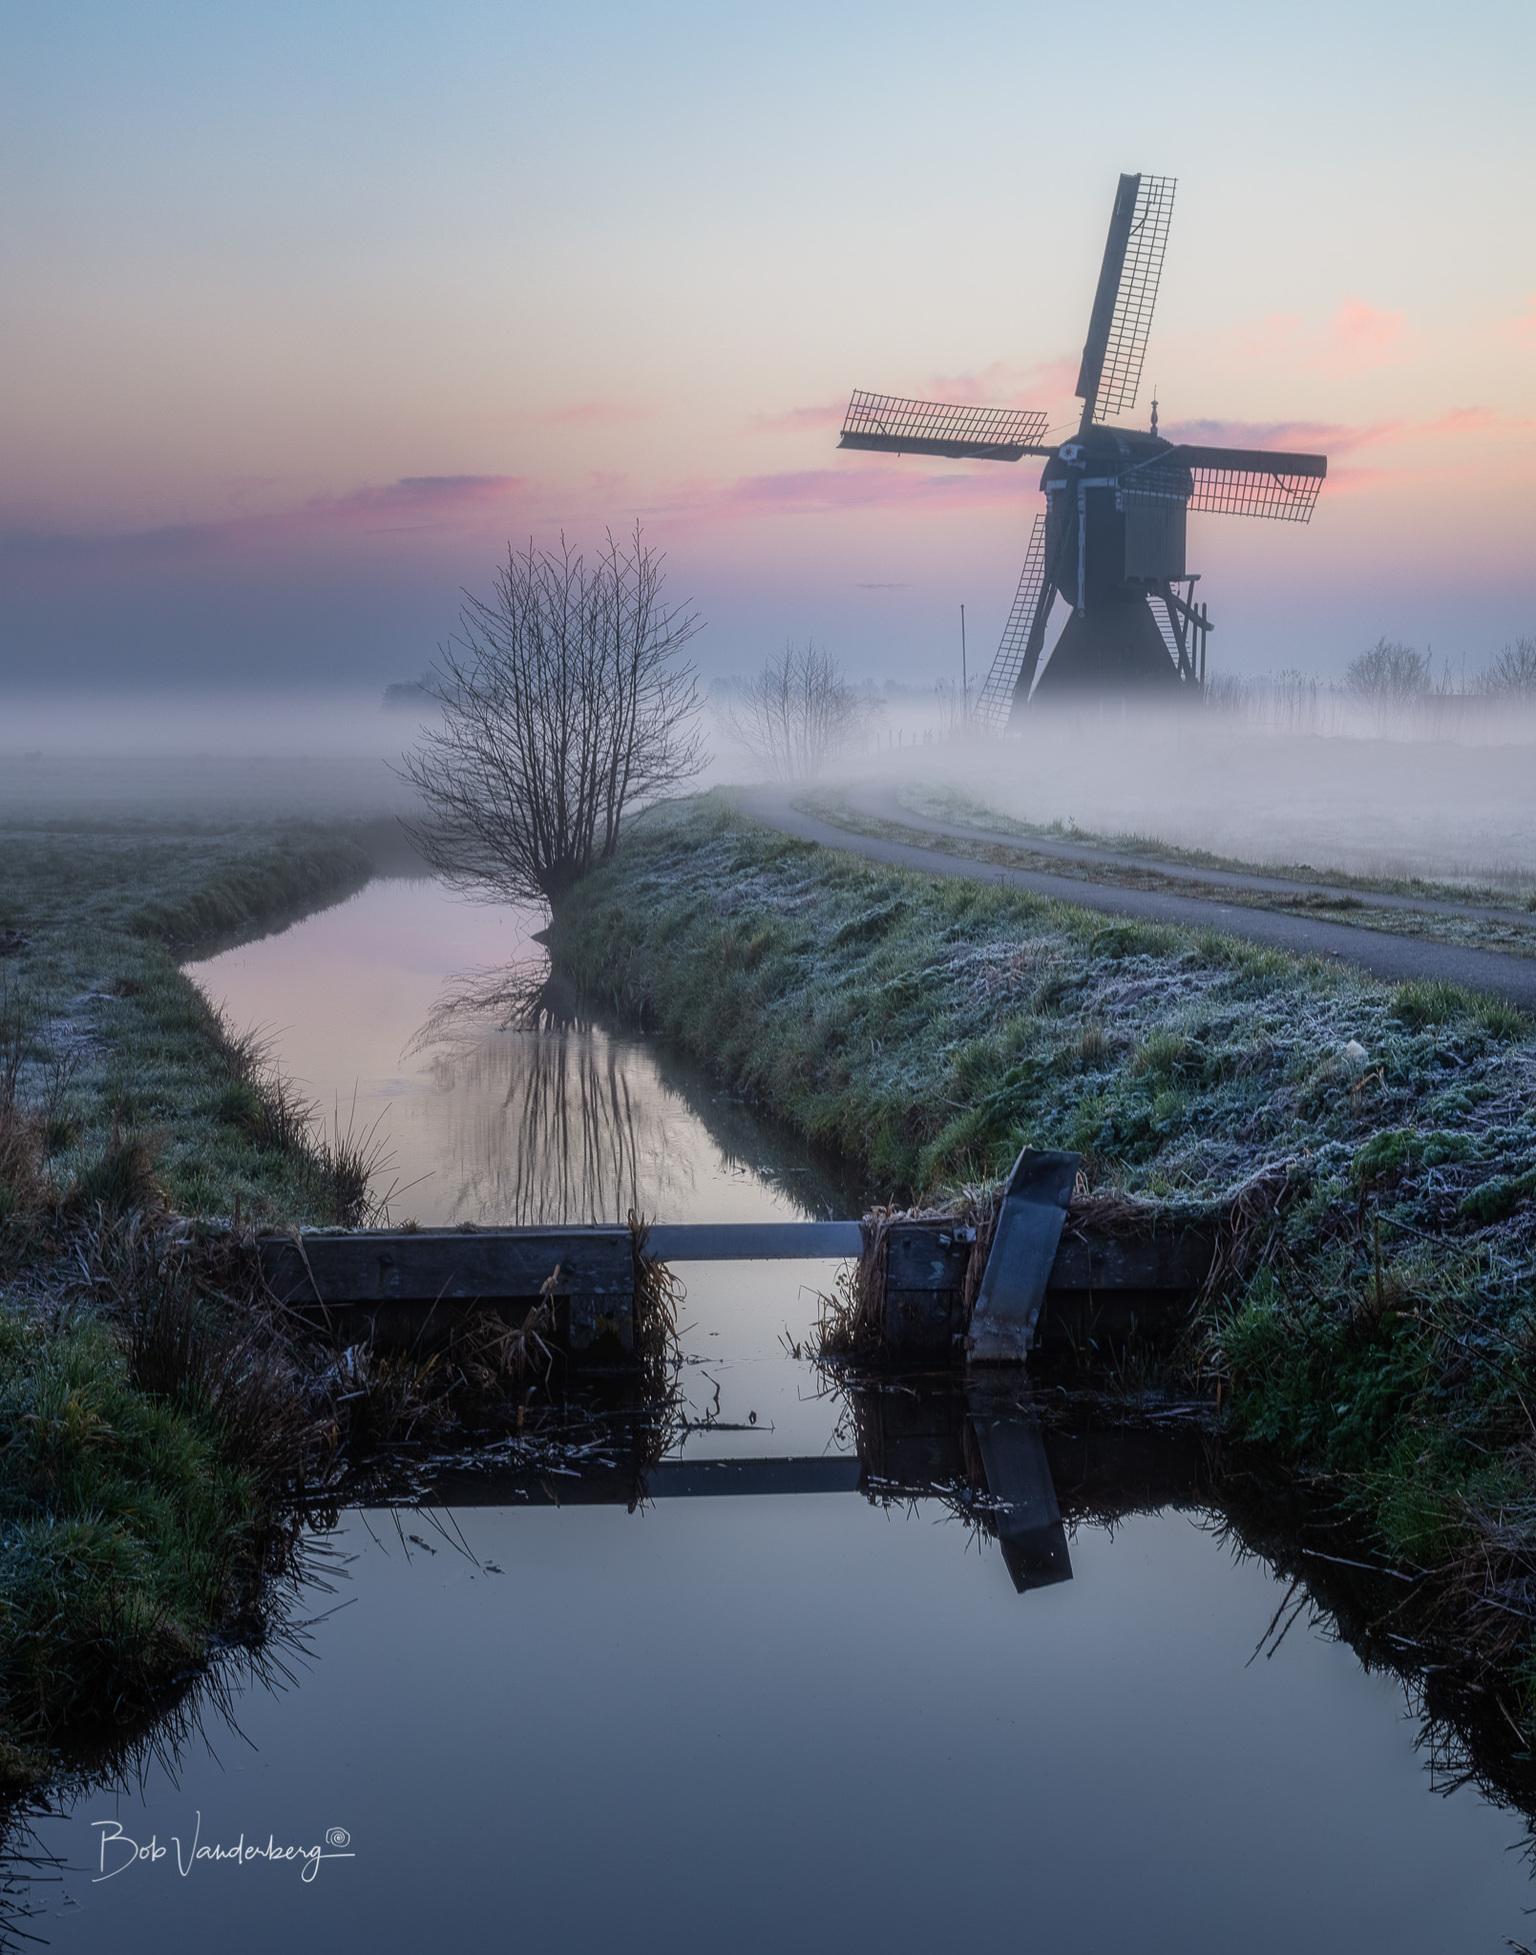 Misty Morning - In maart gemaakt op een heerlijke ochtend.  - foto door vandenberg.bjj op 10-04-2021 - locatie: 2959 Streefkerk, Nederland - deze foto bevat: streefkerk, molen, hollands landschap, ochtend nevel, broekmolen, water, lucht, wolk, fabriek, natuur, natuurlijk landschap, natuurlijke omgeving, schemer, voertuig, lichaam van water